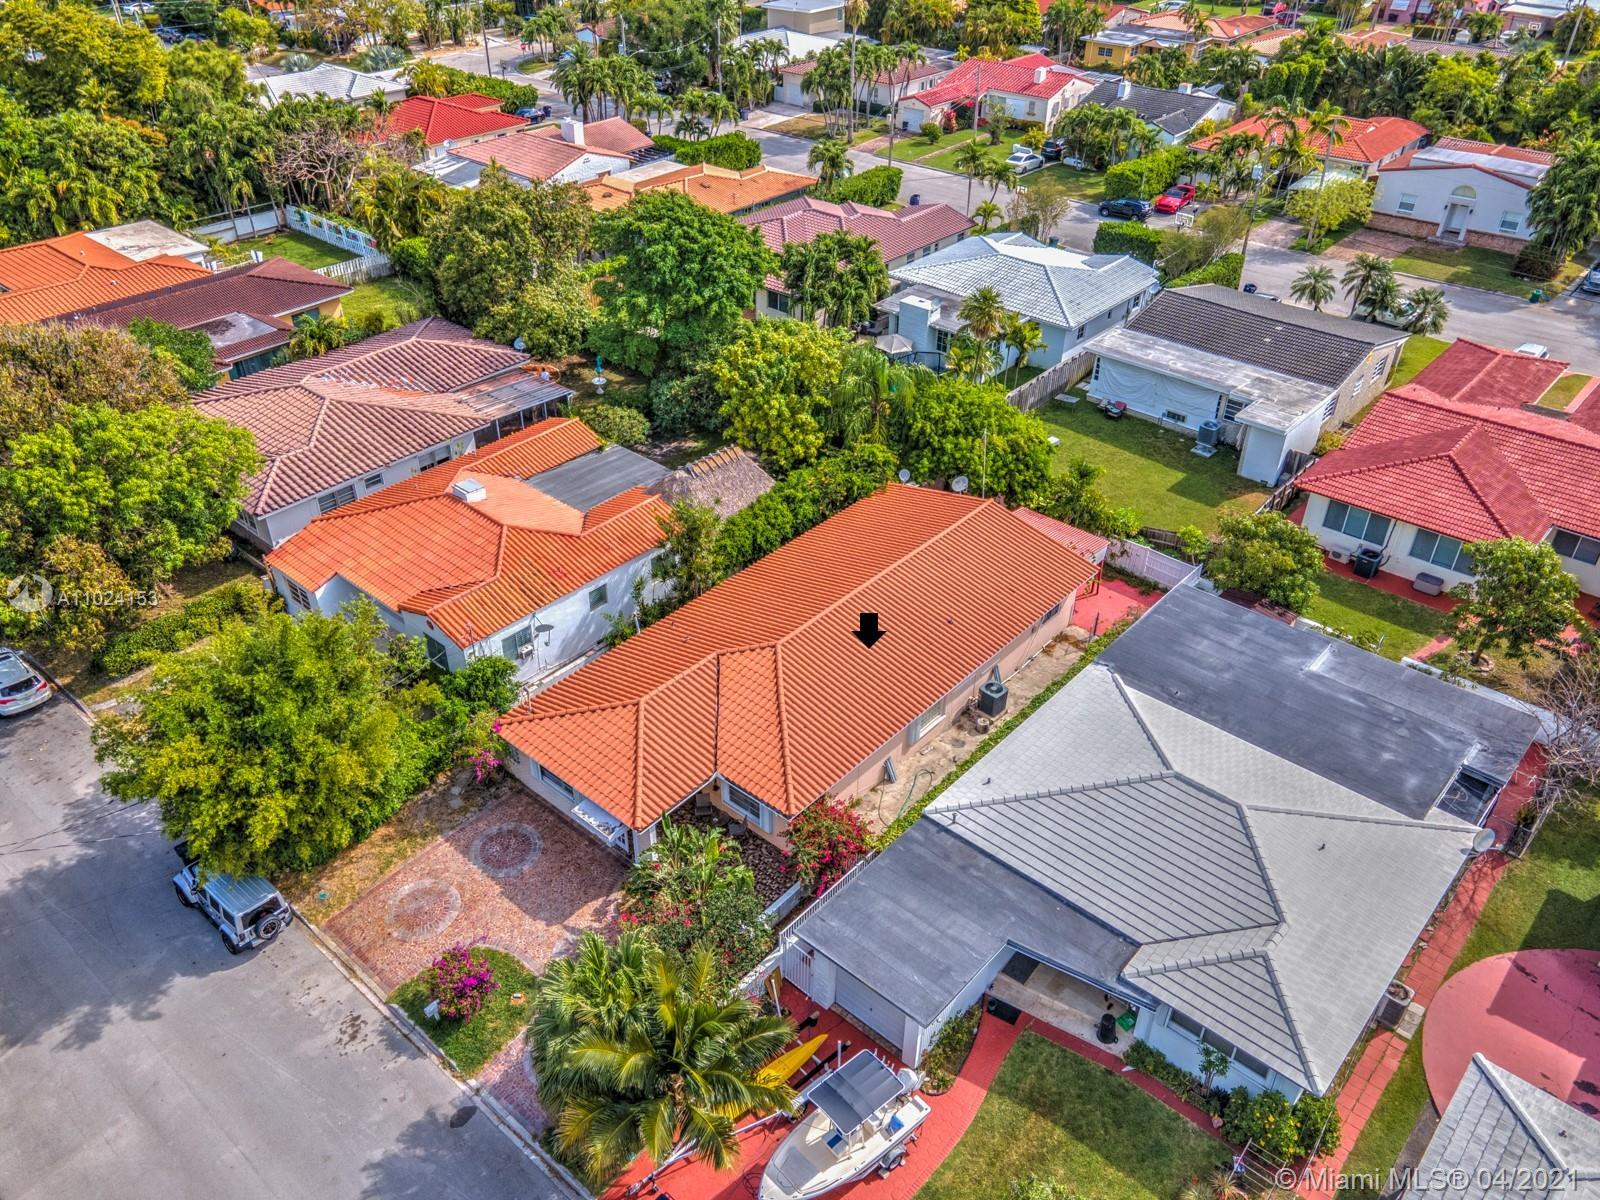 8919 Garland Ave photo06